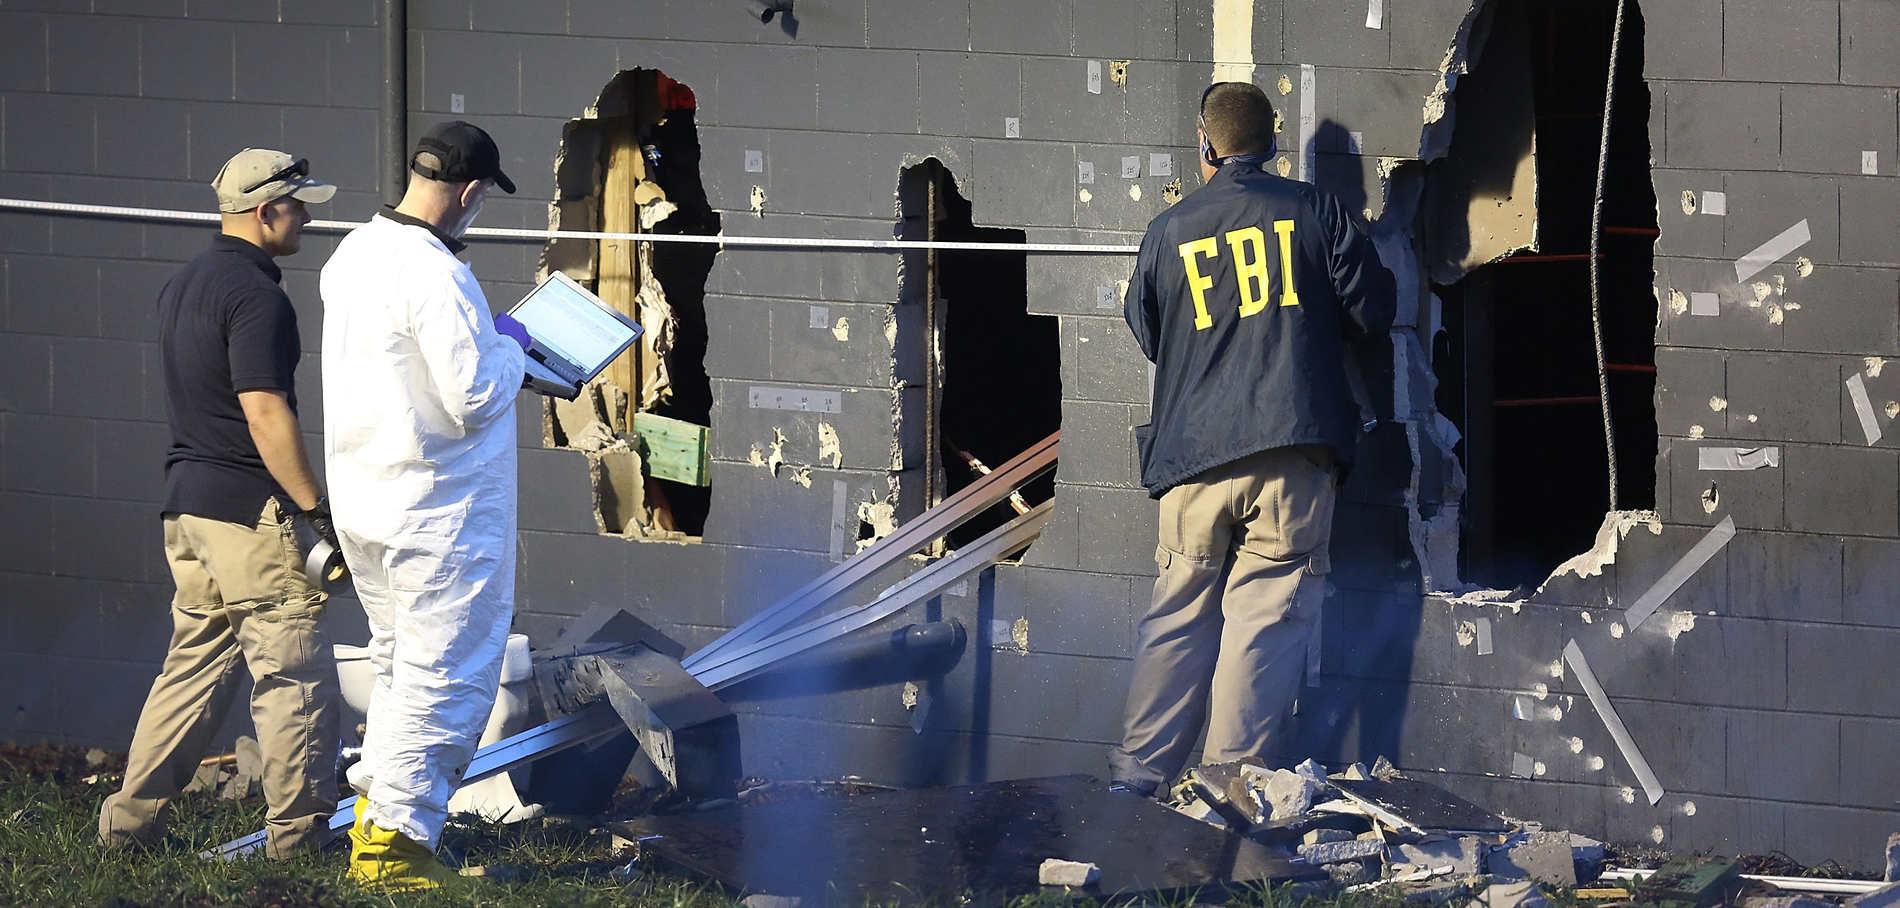 Des agents du FBI mènent l'enquête après la tuerie dans la boîte de nuit gay Pulse qui a fait 50 morts et 53 blessés dans nuit du 12 juin à Orlando (Floride).